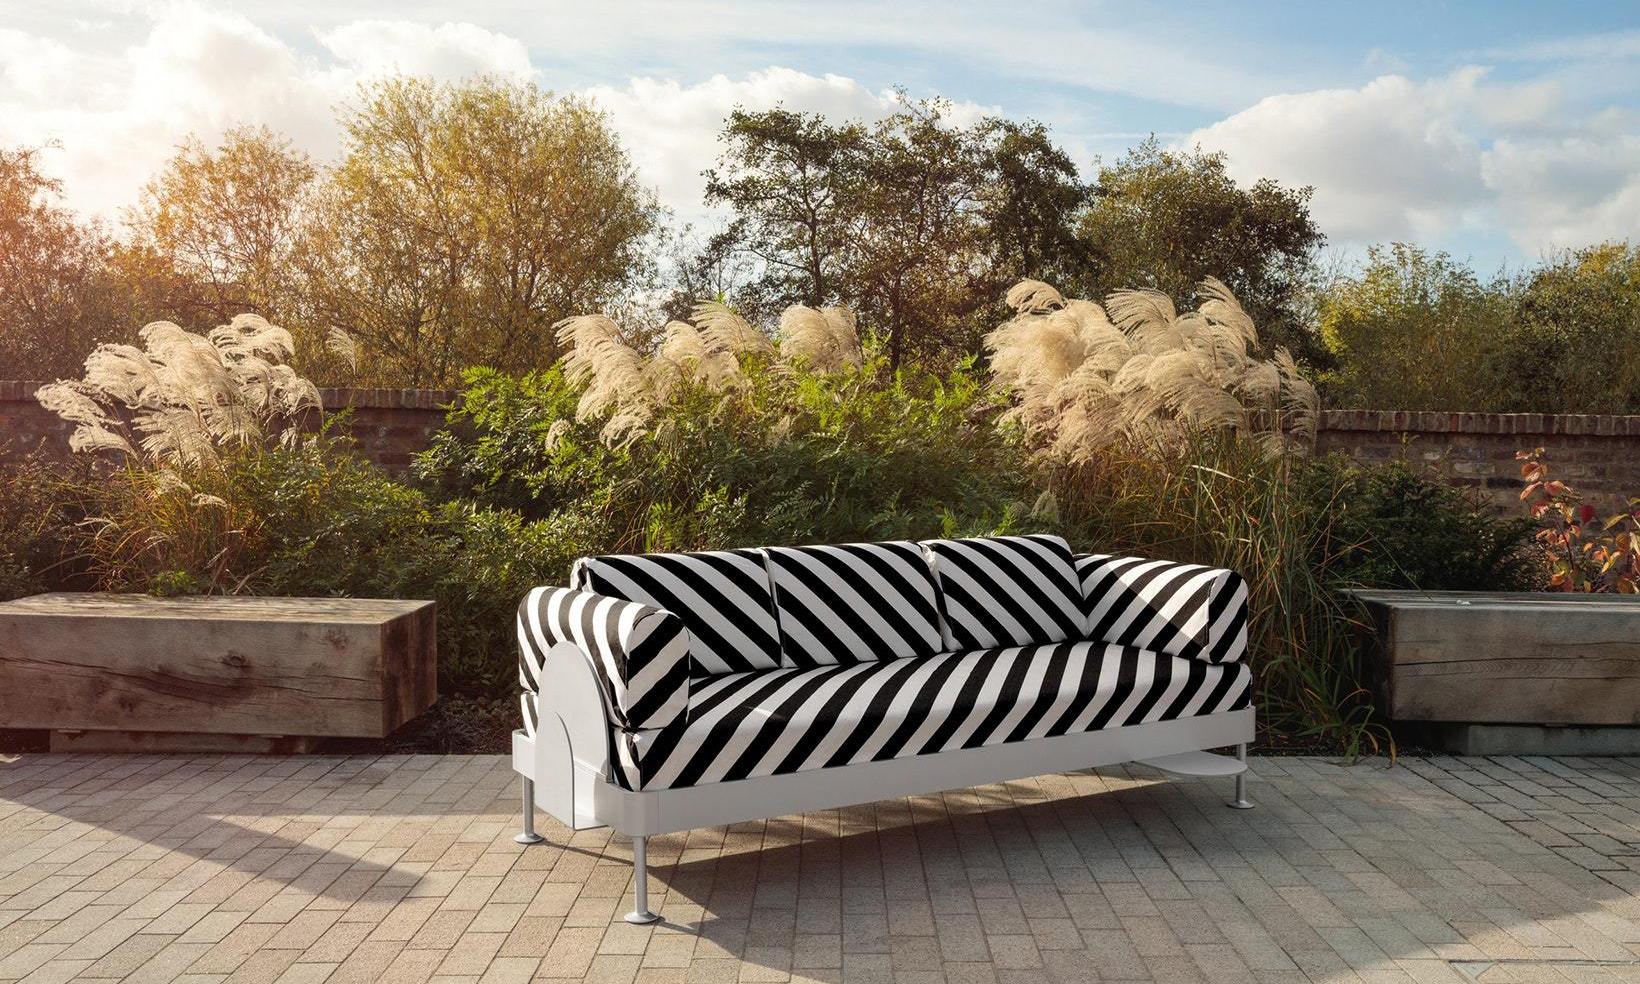 鬼才设计师 Tom Dixon 与 IKEA 打造全新沙发系列